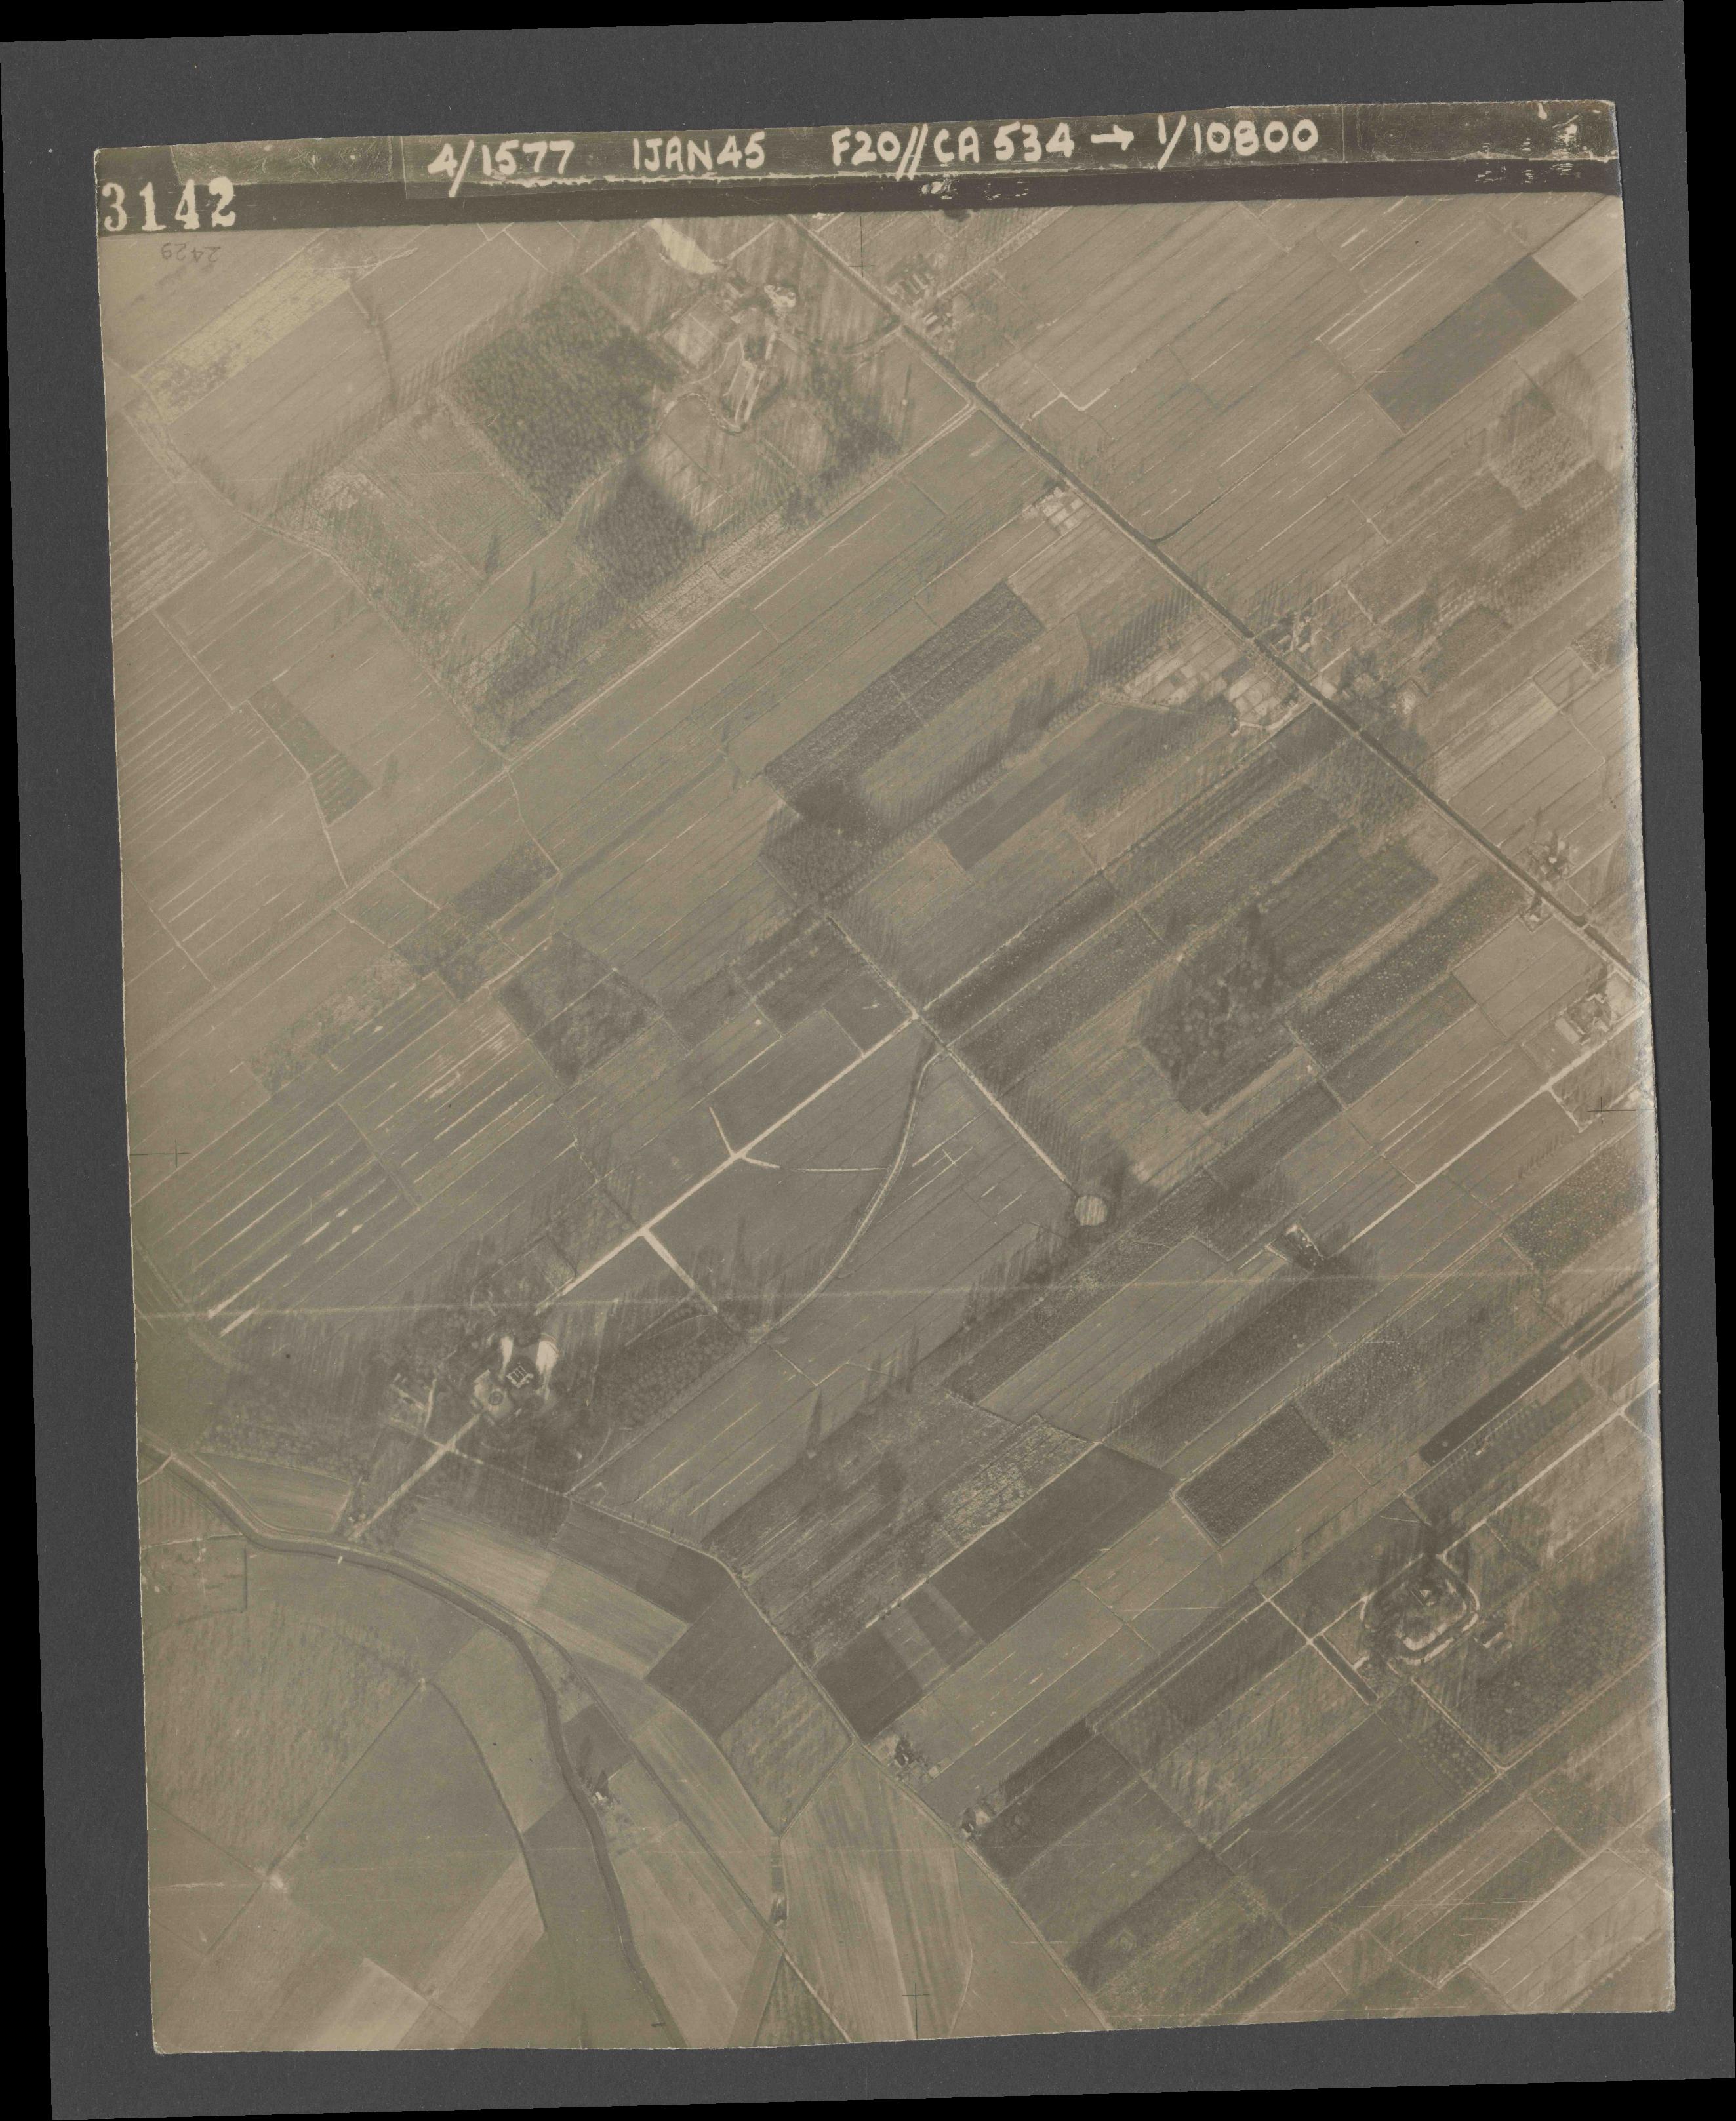 Collection RAF aerial photos 1940-1945 - flight 105, run 07, photo 3142